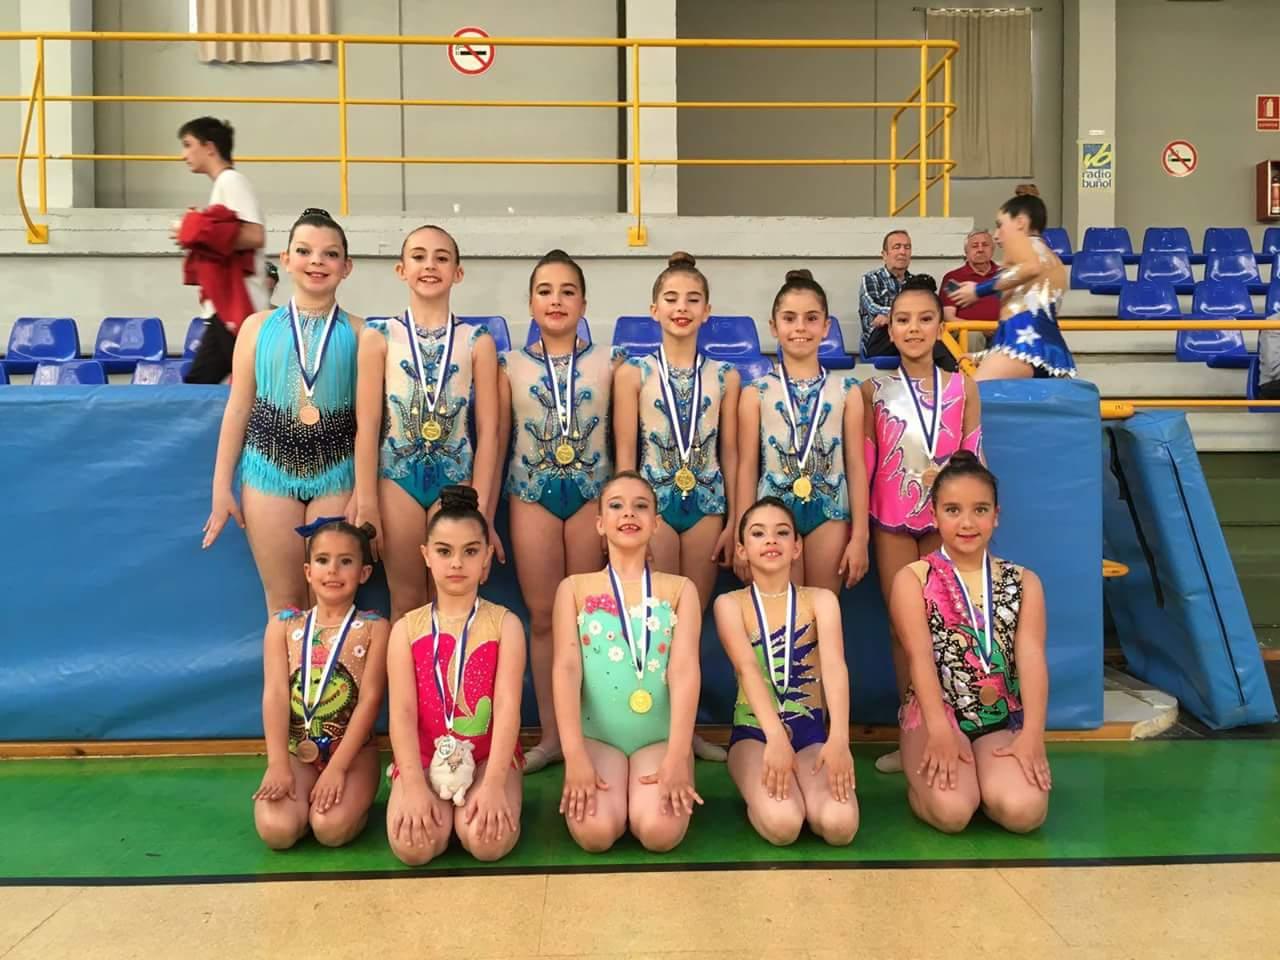 Las jóvenes deportistas del club de Gimnasia Rítmica de Buñol-Cheste-Turís.